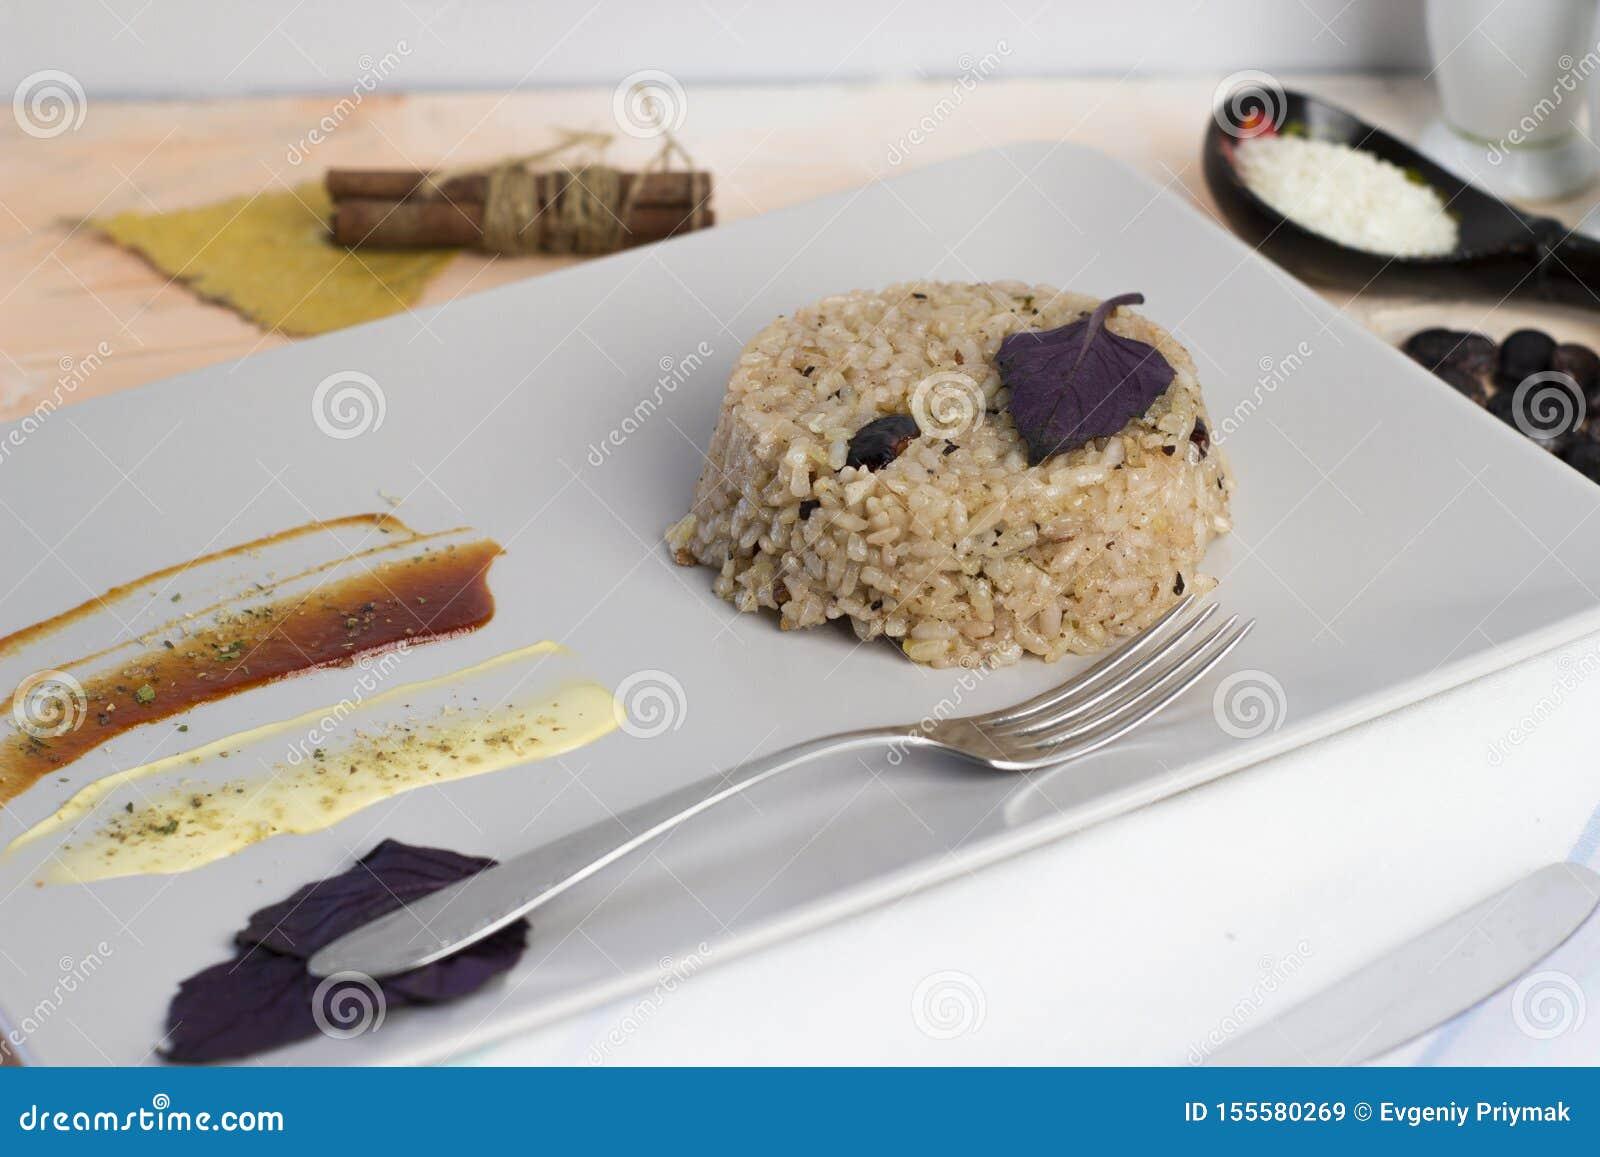 Plat de Congri de cuisine nationale cubaine Congri, riz avec des haricots, un plat typique de nourriture cubaine Plat simple mais